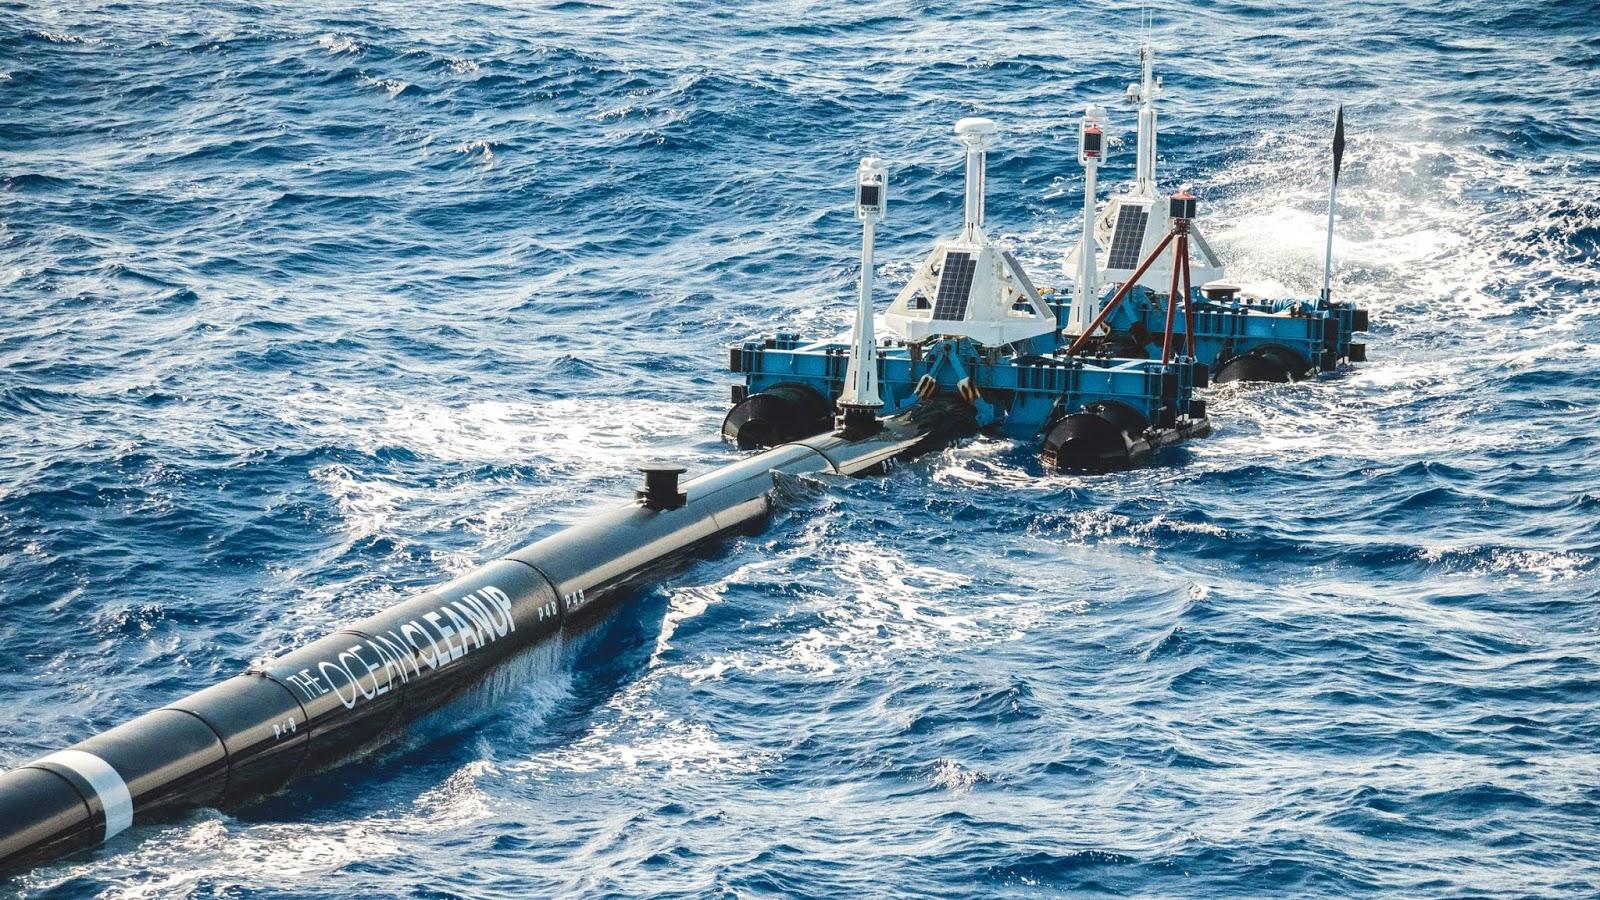 Охрана океана фото